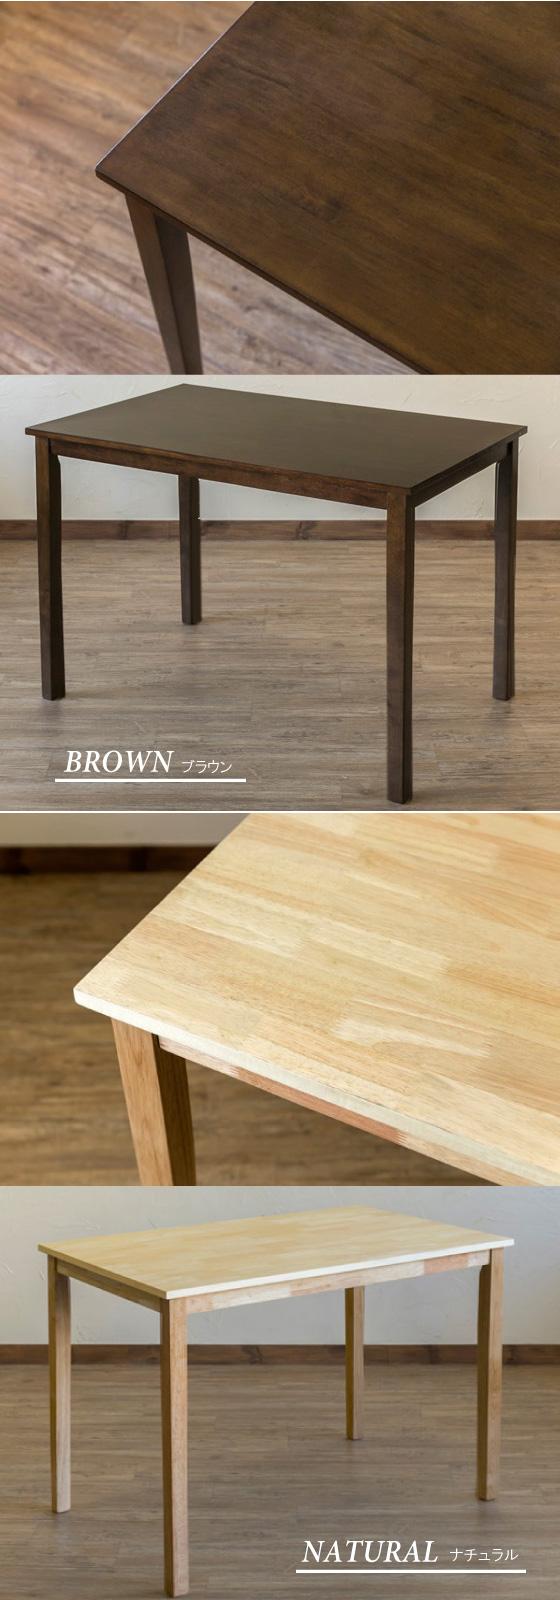 幅110cm・天然木ラバーウッド製ダイニングテーブル